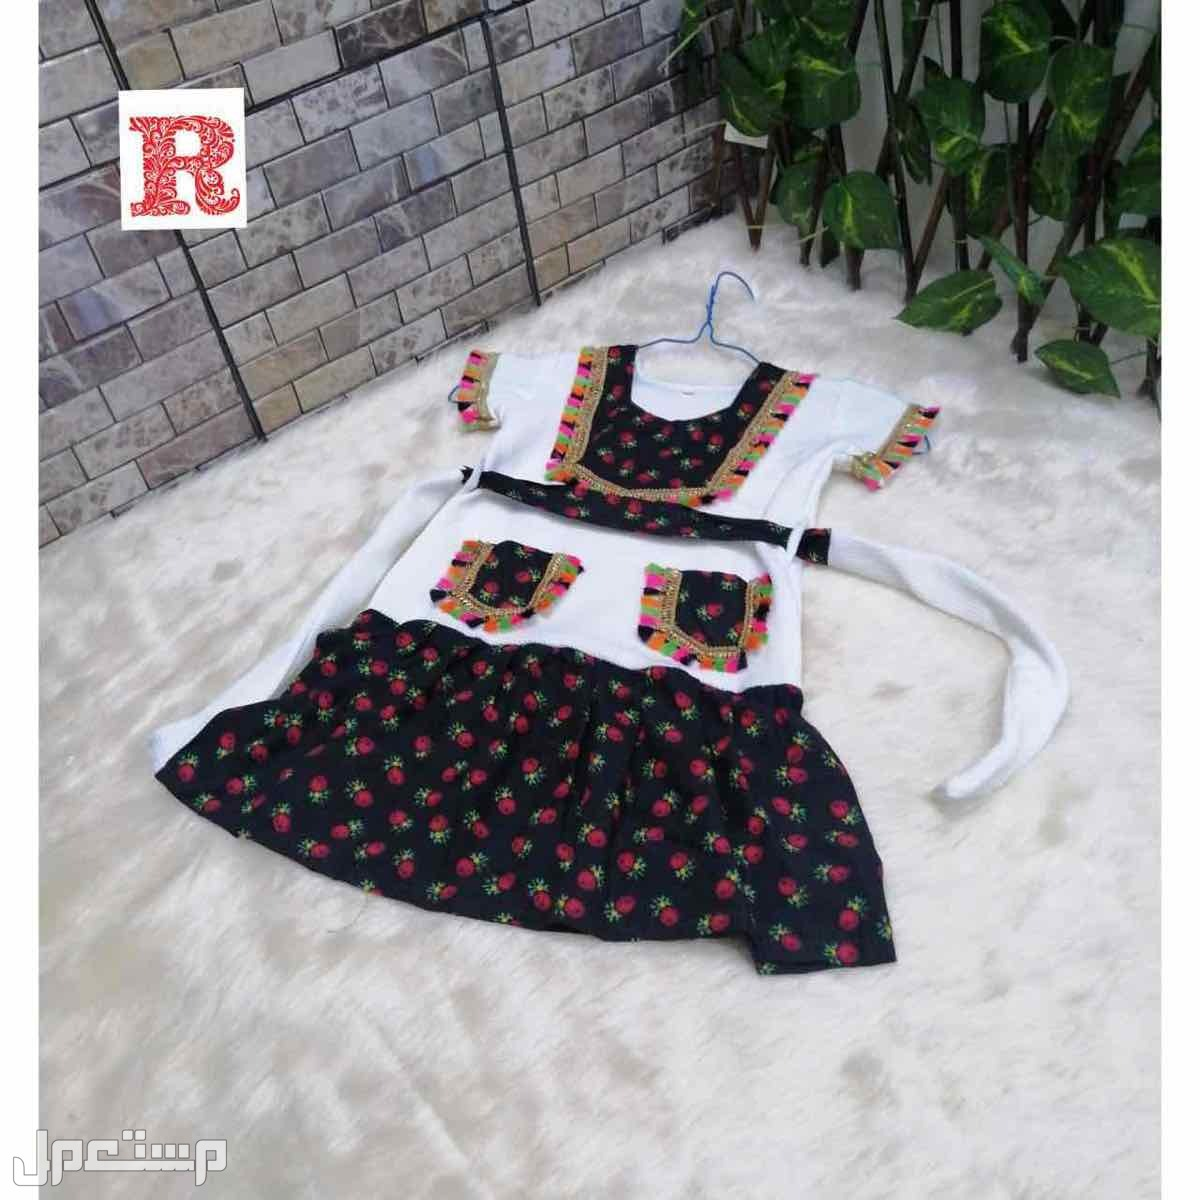 فستان بناتي مع تطريز الاسم حسب الطلب